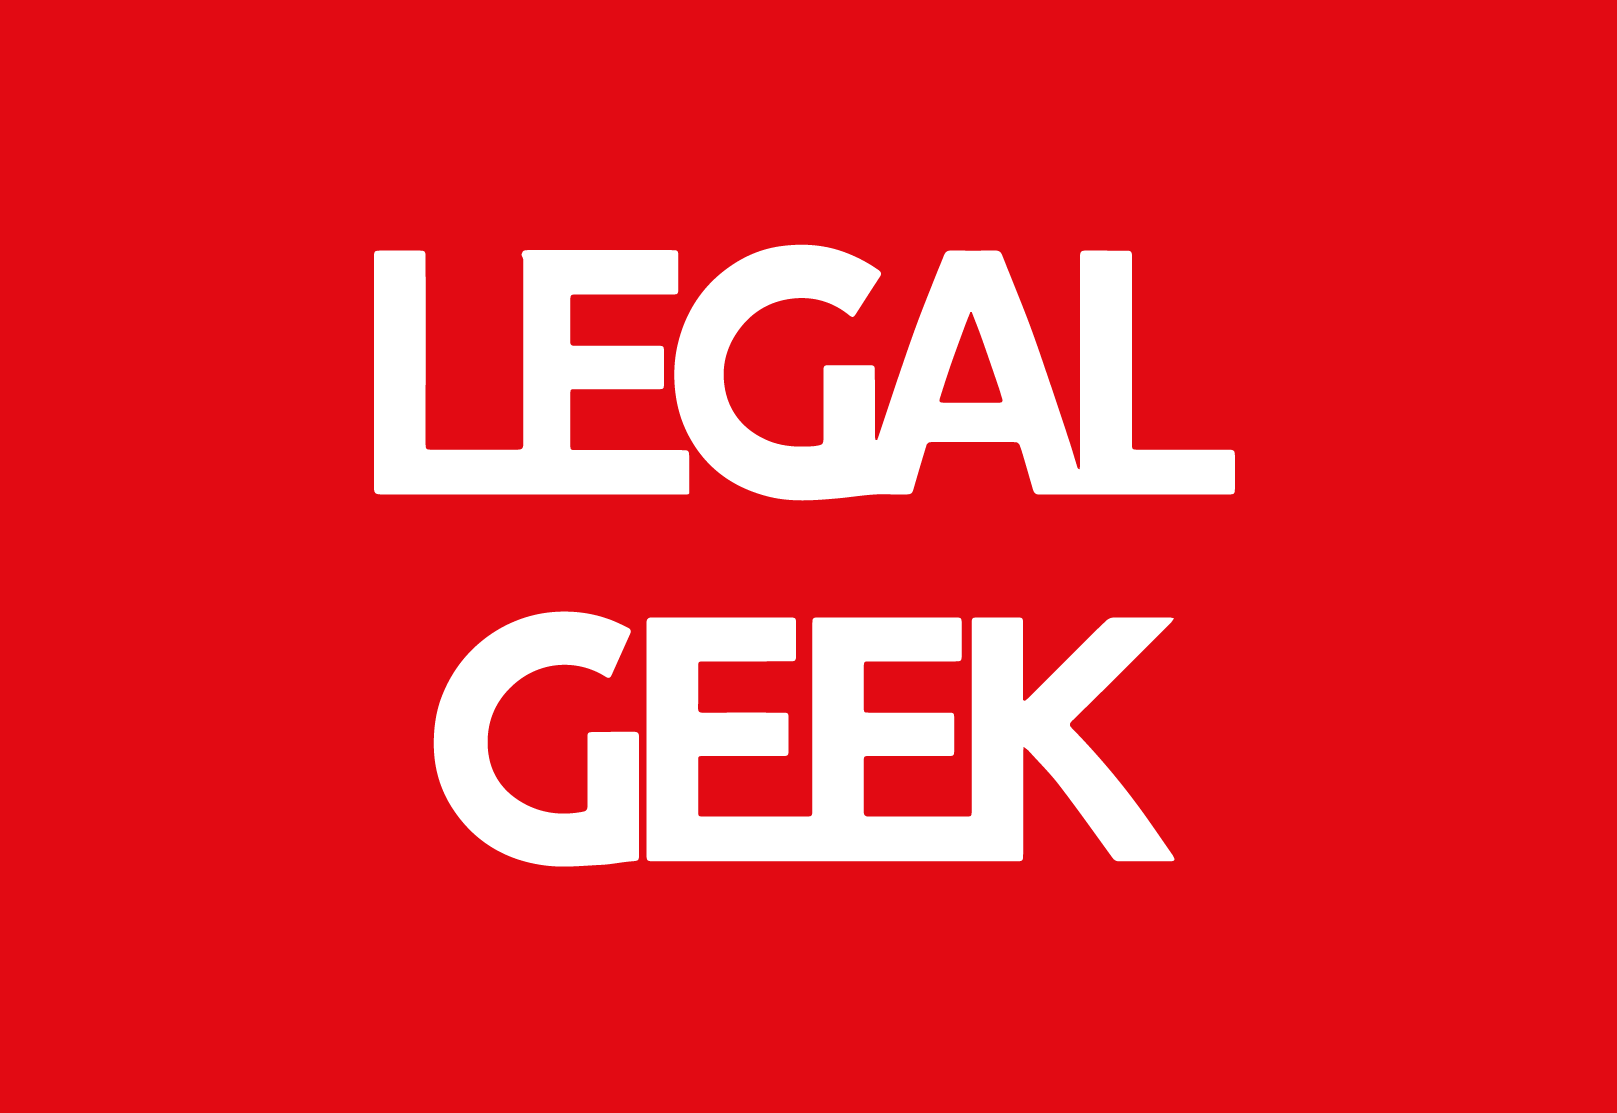 Legal geek logo-01.png